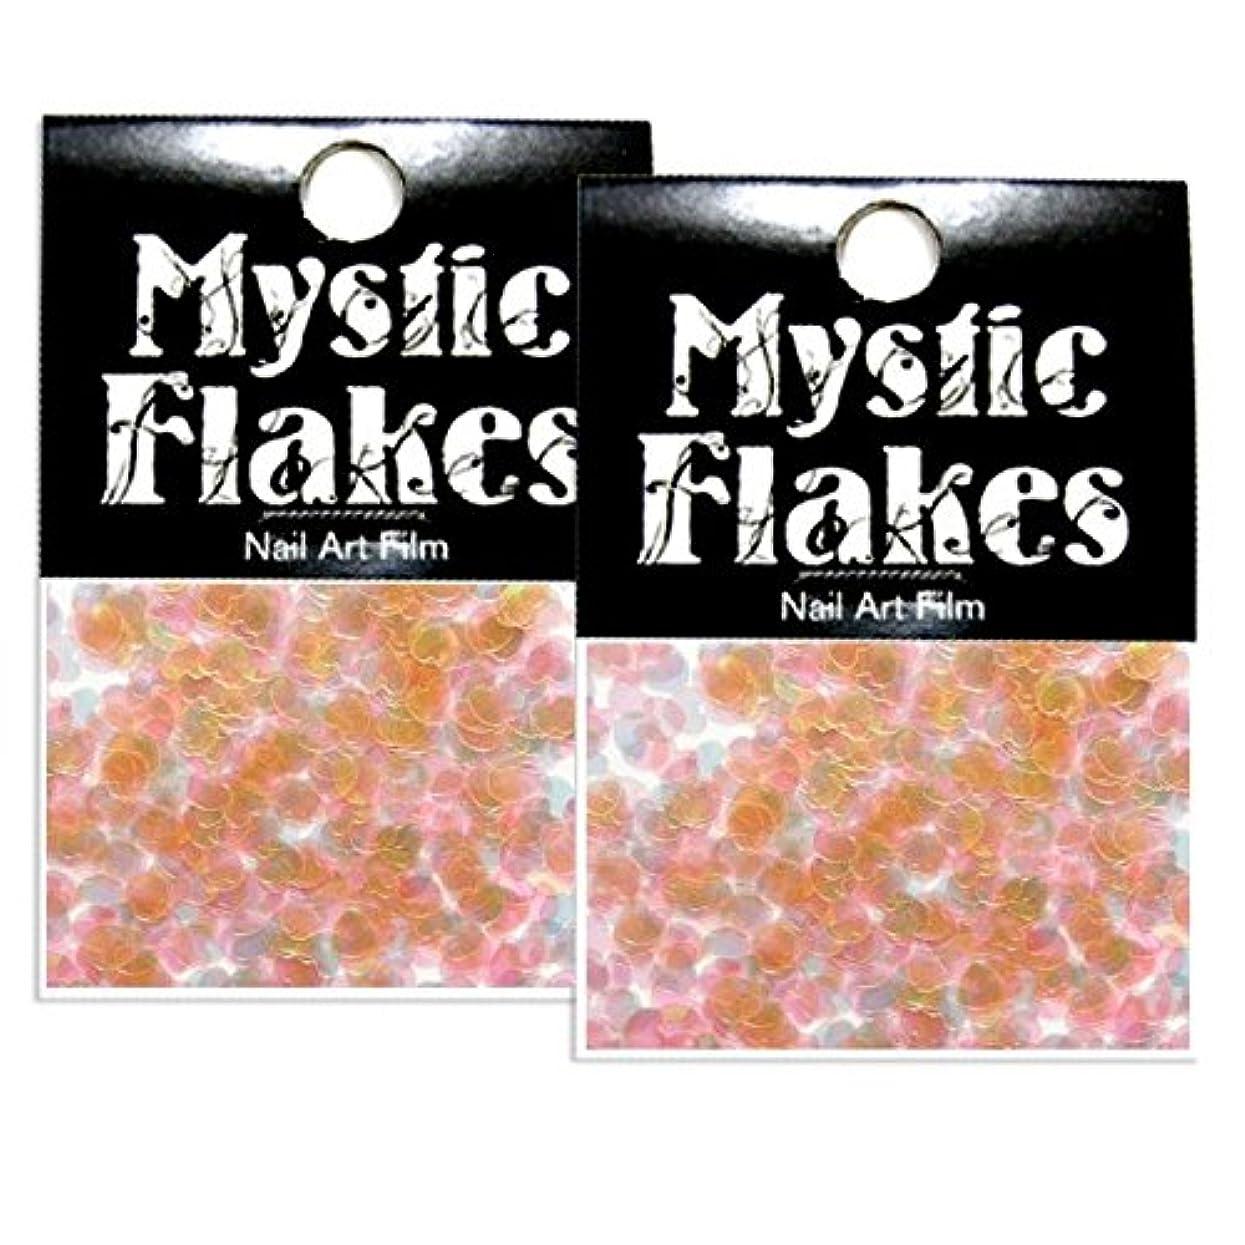 去る海里書店ミスティックフレース ネイル用ストーン パールオレンジ ミニハート 0.5g 2個セット